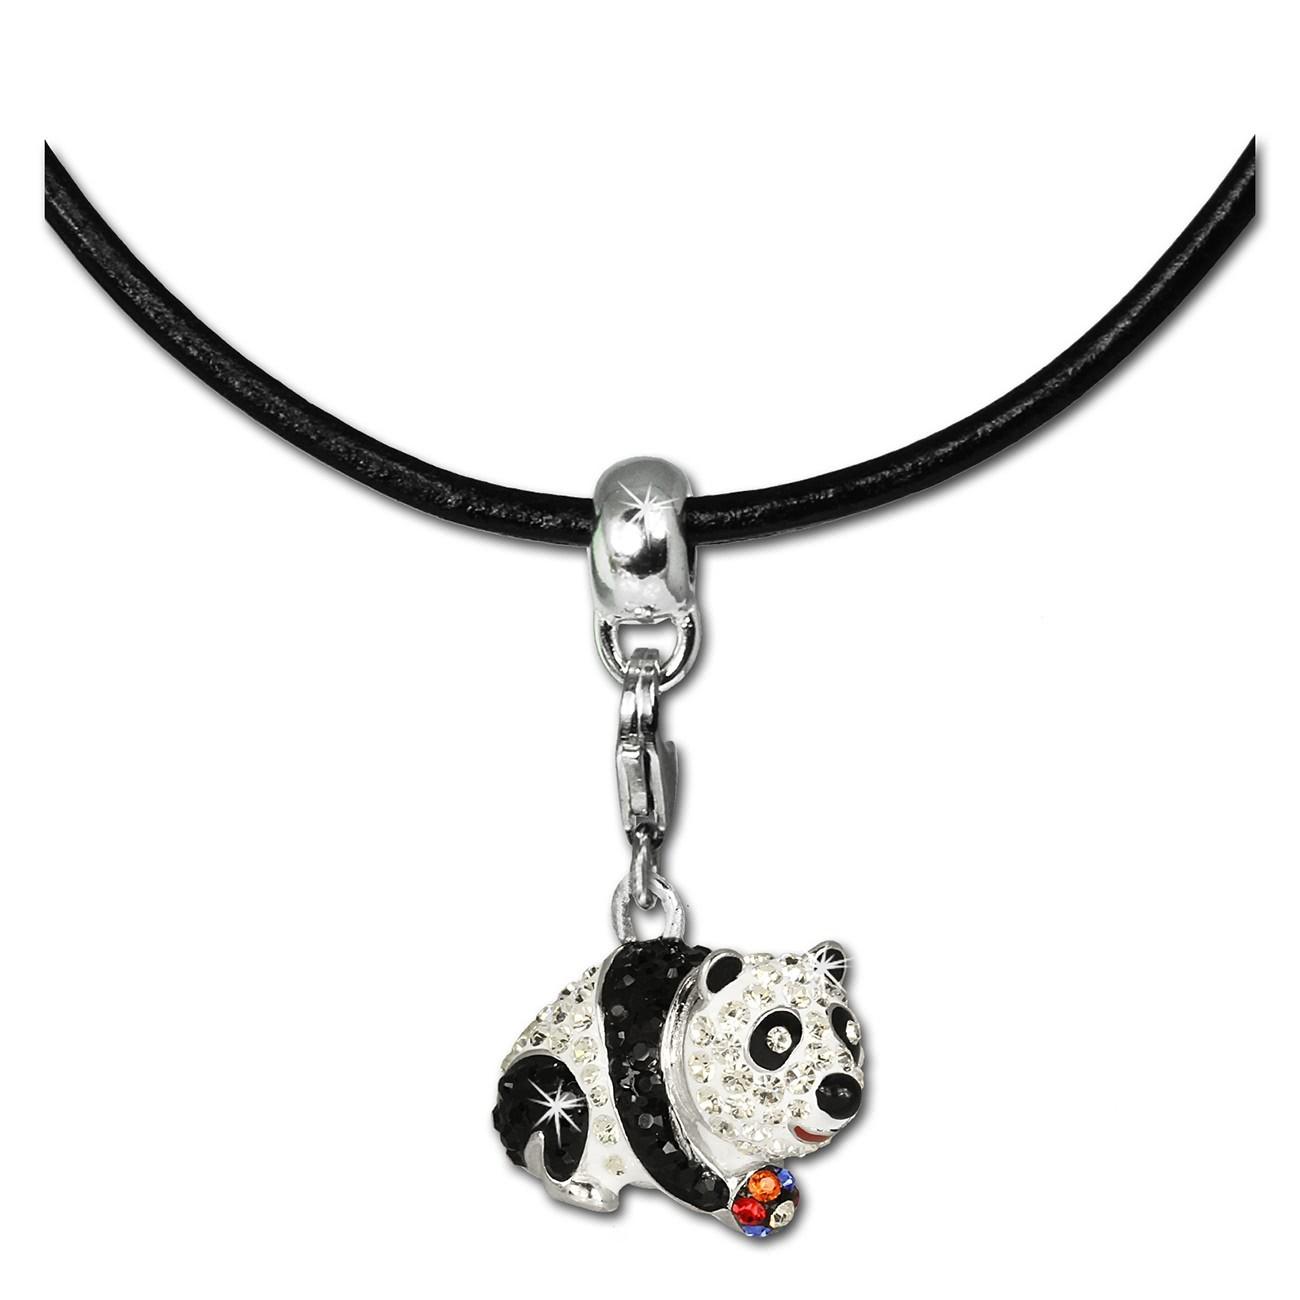 SilberDream Kette Glitzerset Panda 925er Lederkette + Anhänger FCA147